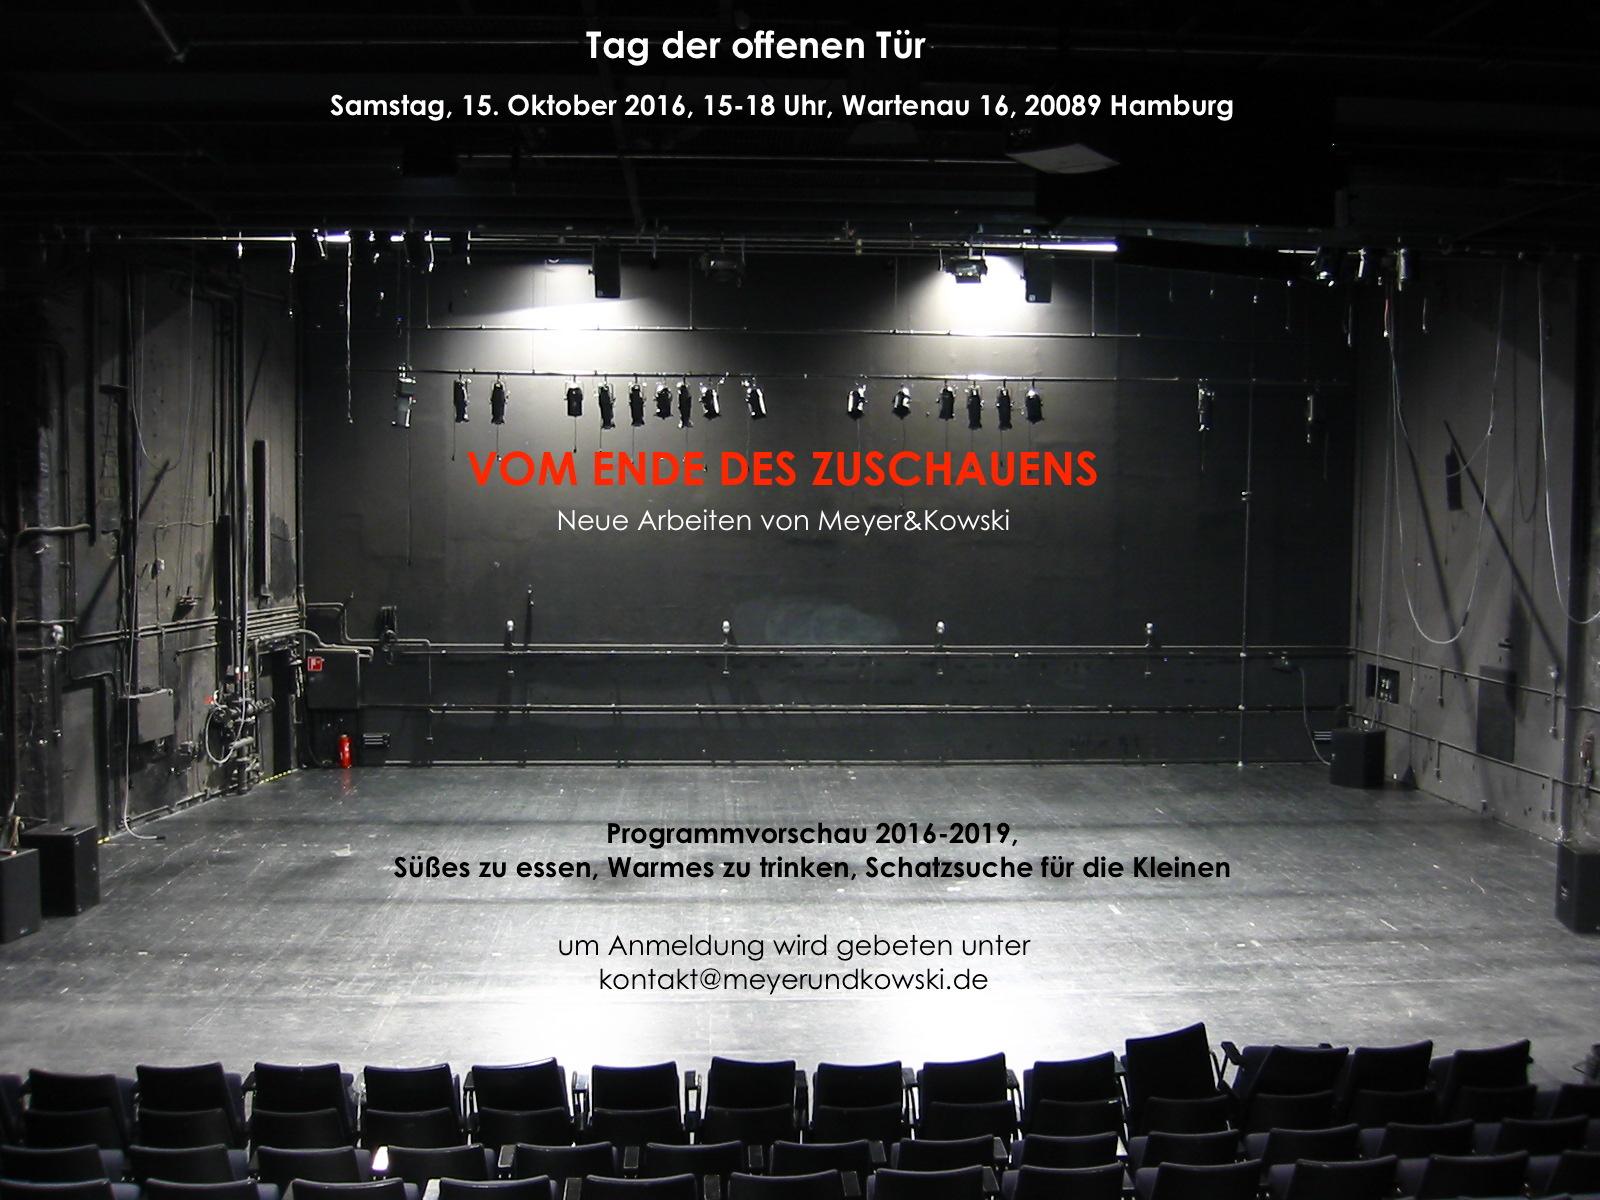 staatstheater schwerin spielplan 2017